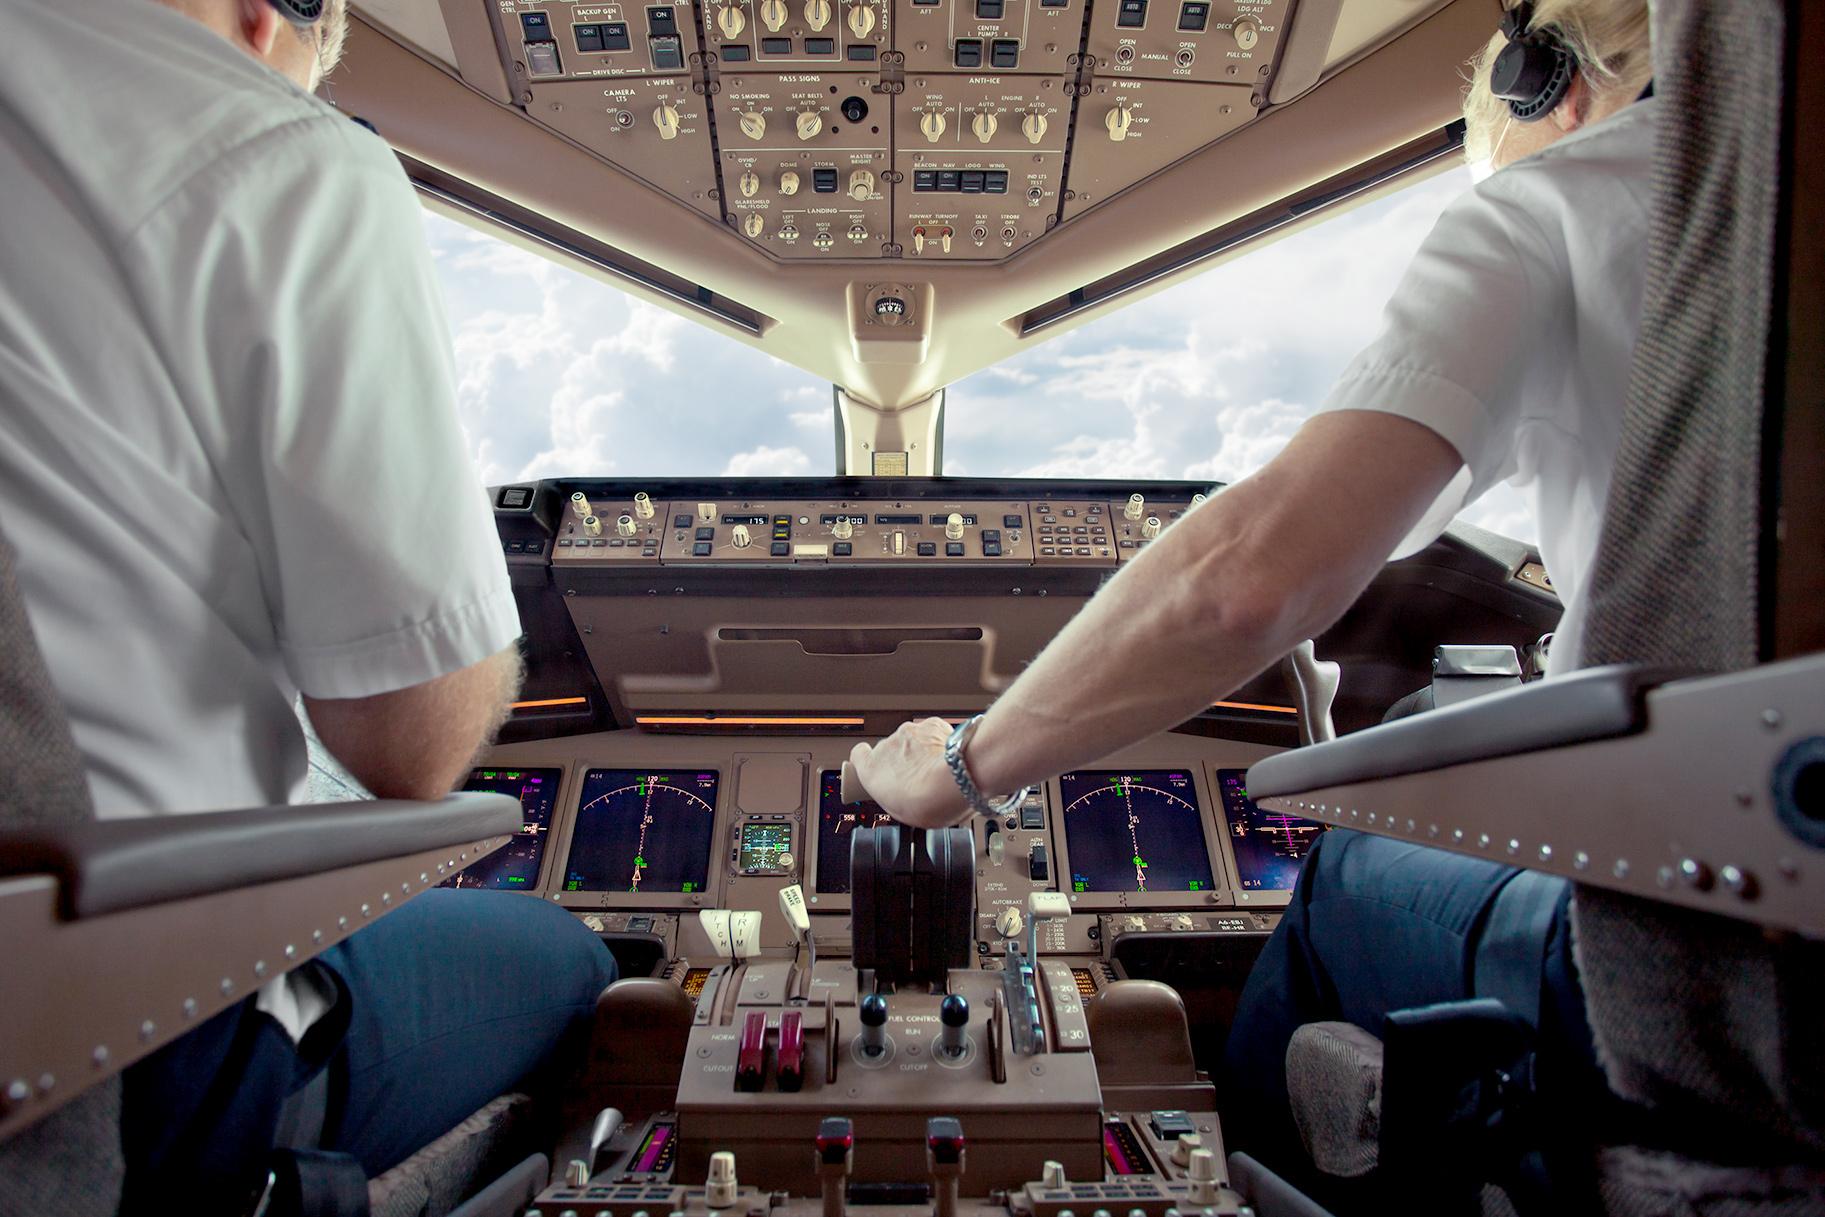 jet-set-incapacitated-pilots